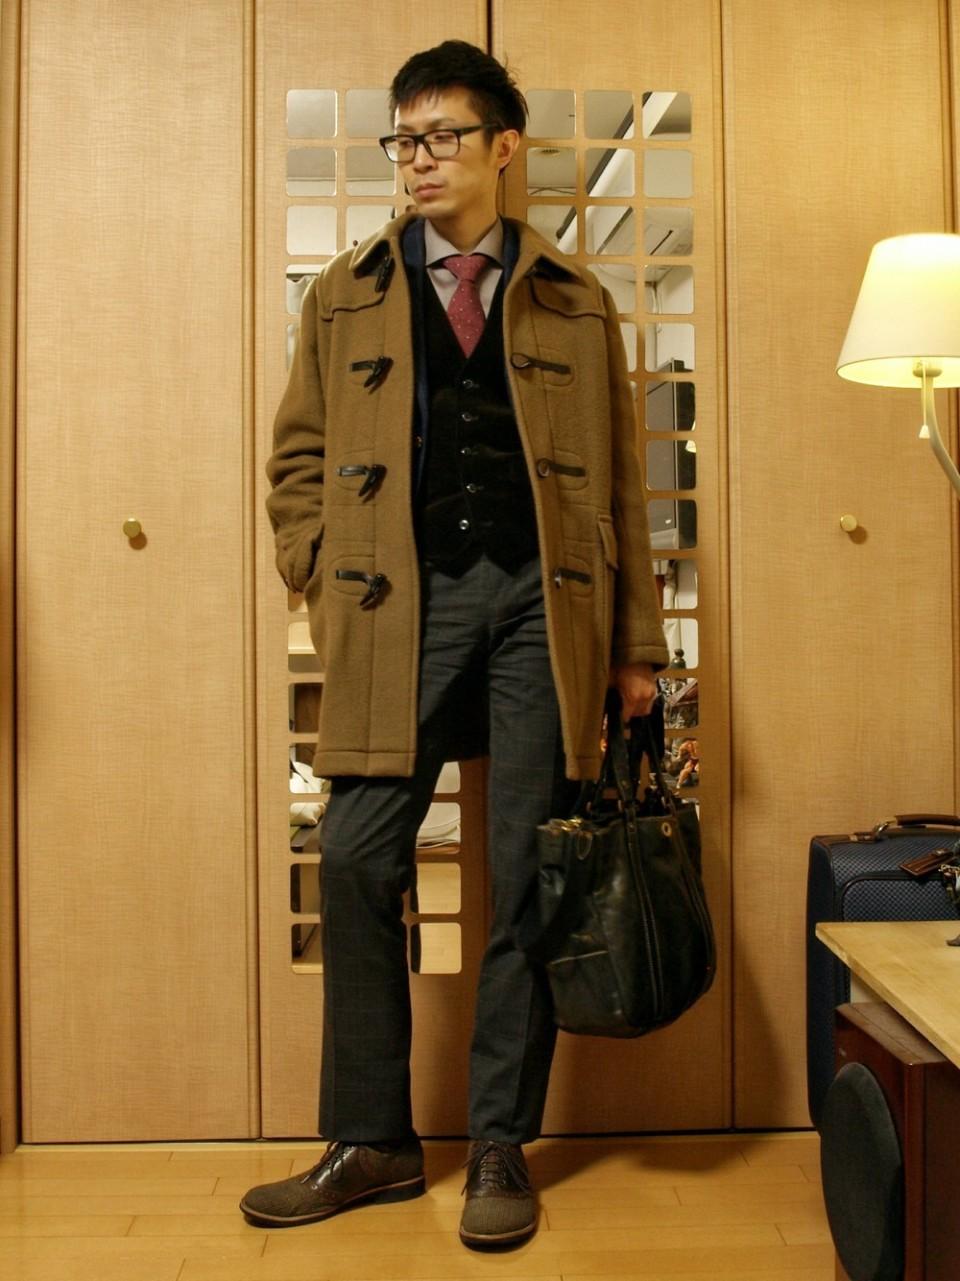 「大人だからこそ」のダッフルコート。子どもっぽくならない、メンズダッフルコートの着こなし術 4番目の画像